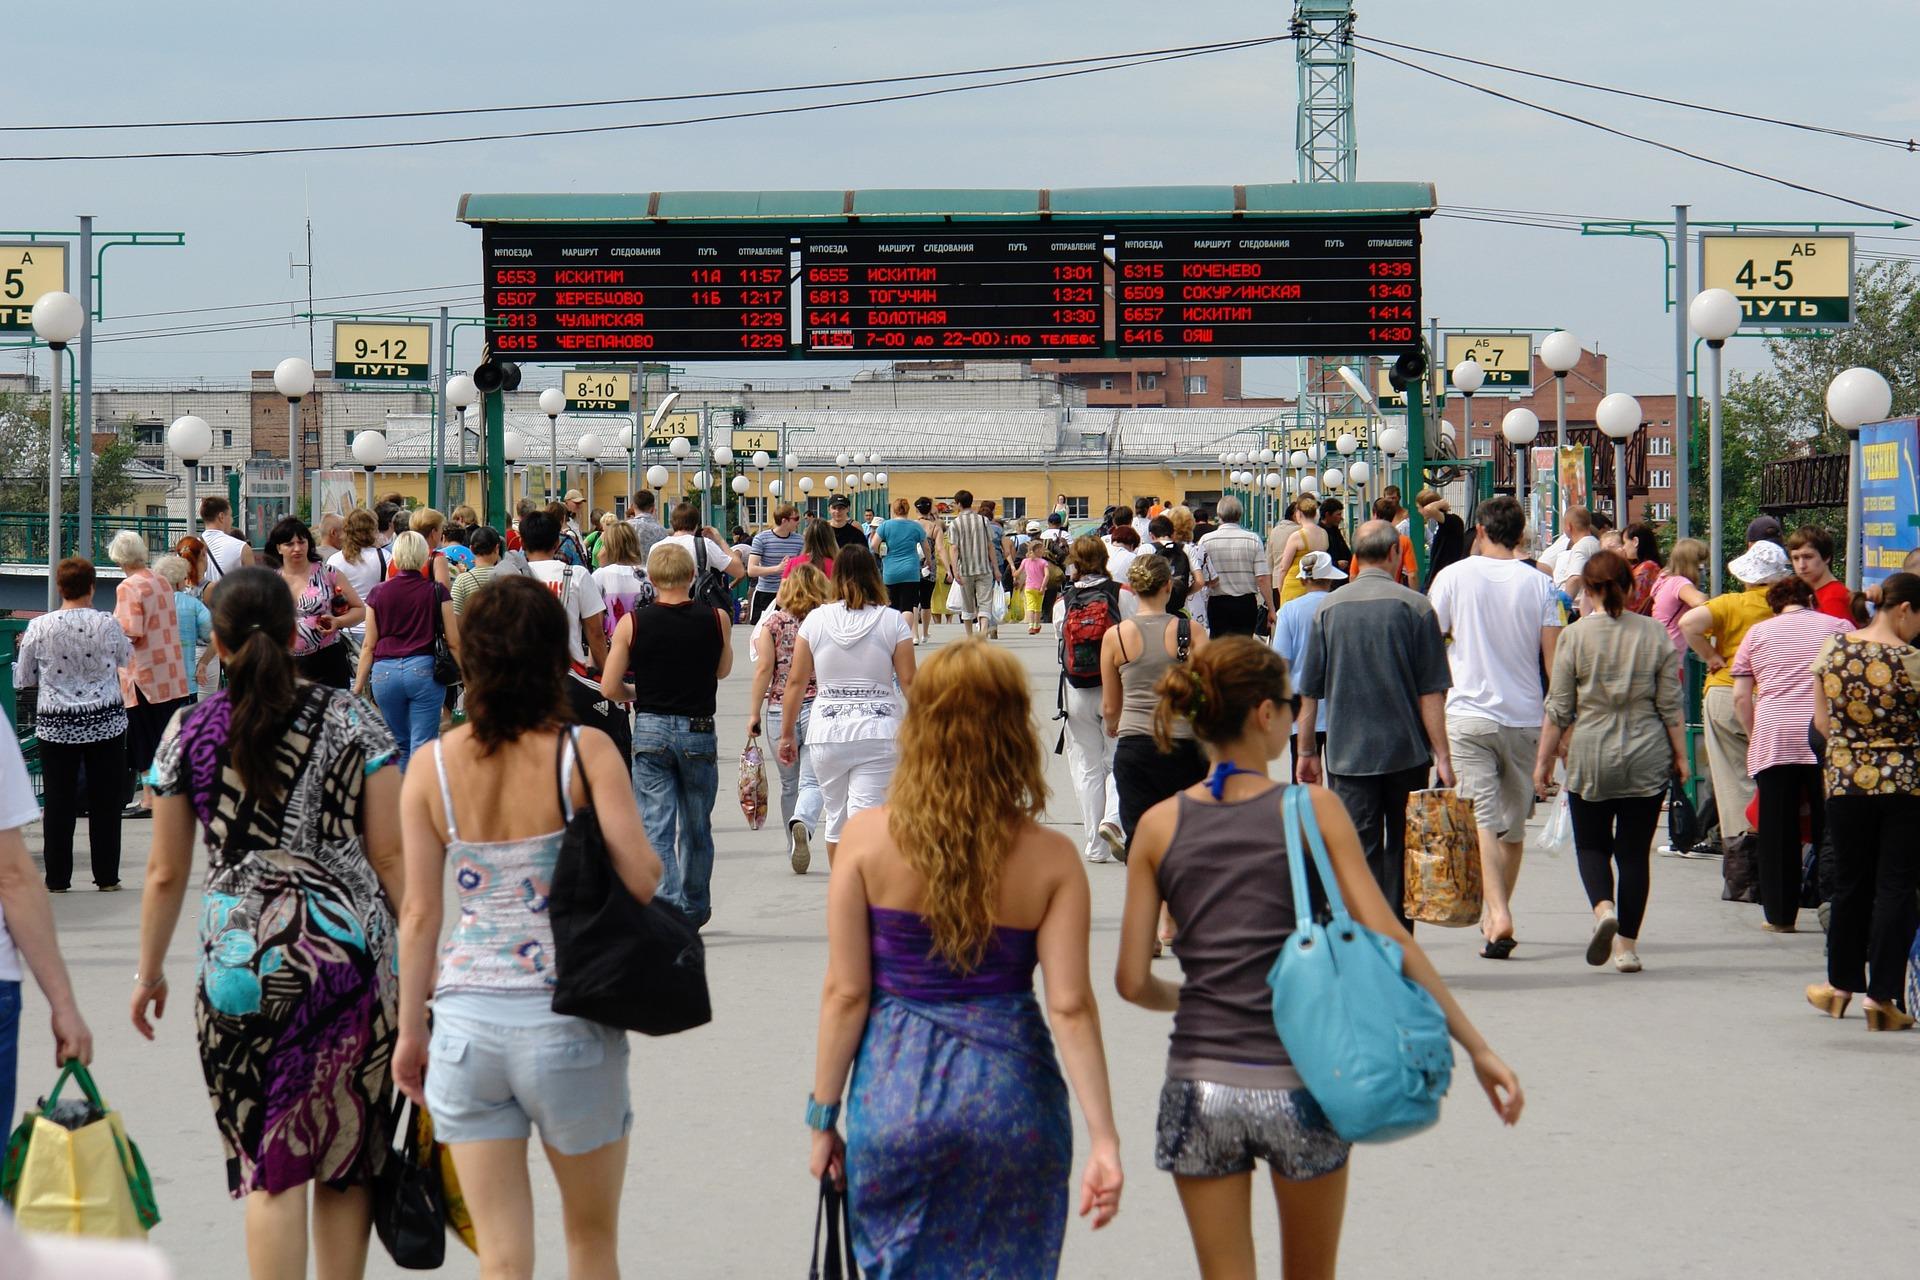 Odhod Transsibirska železnica